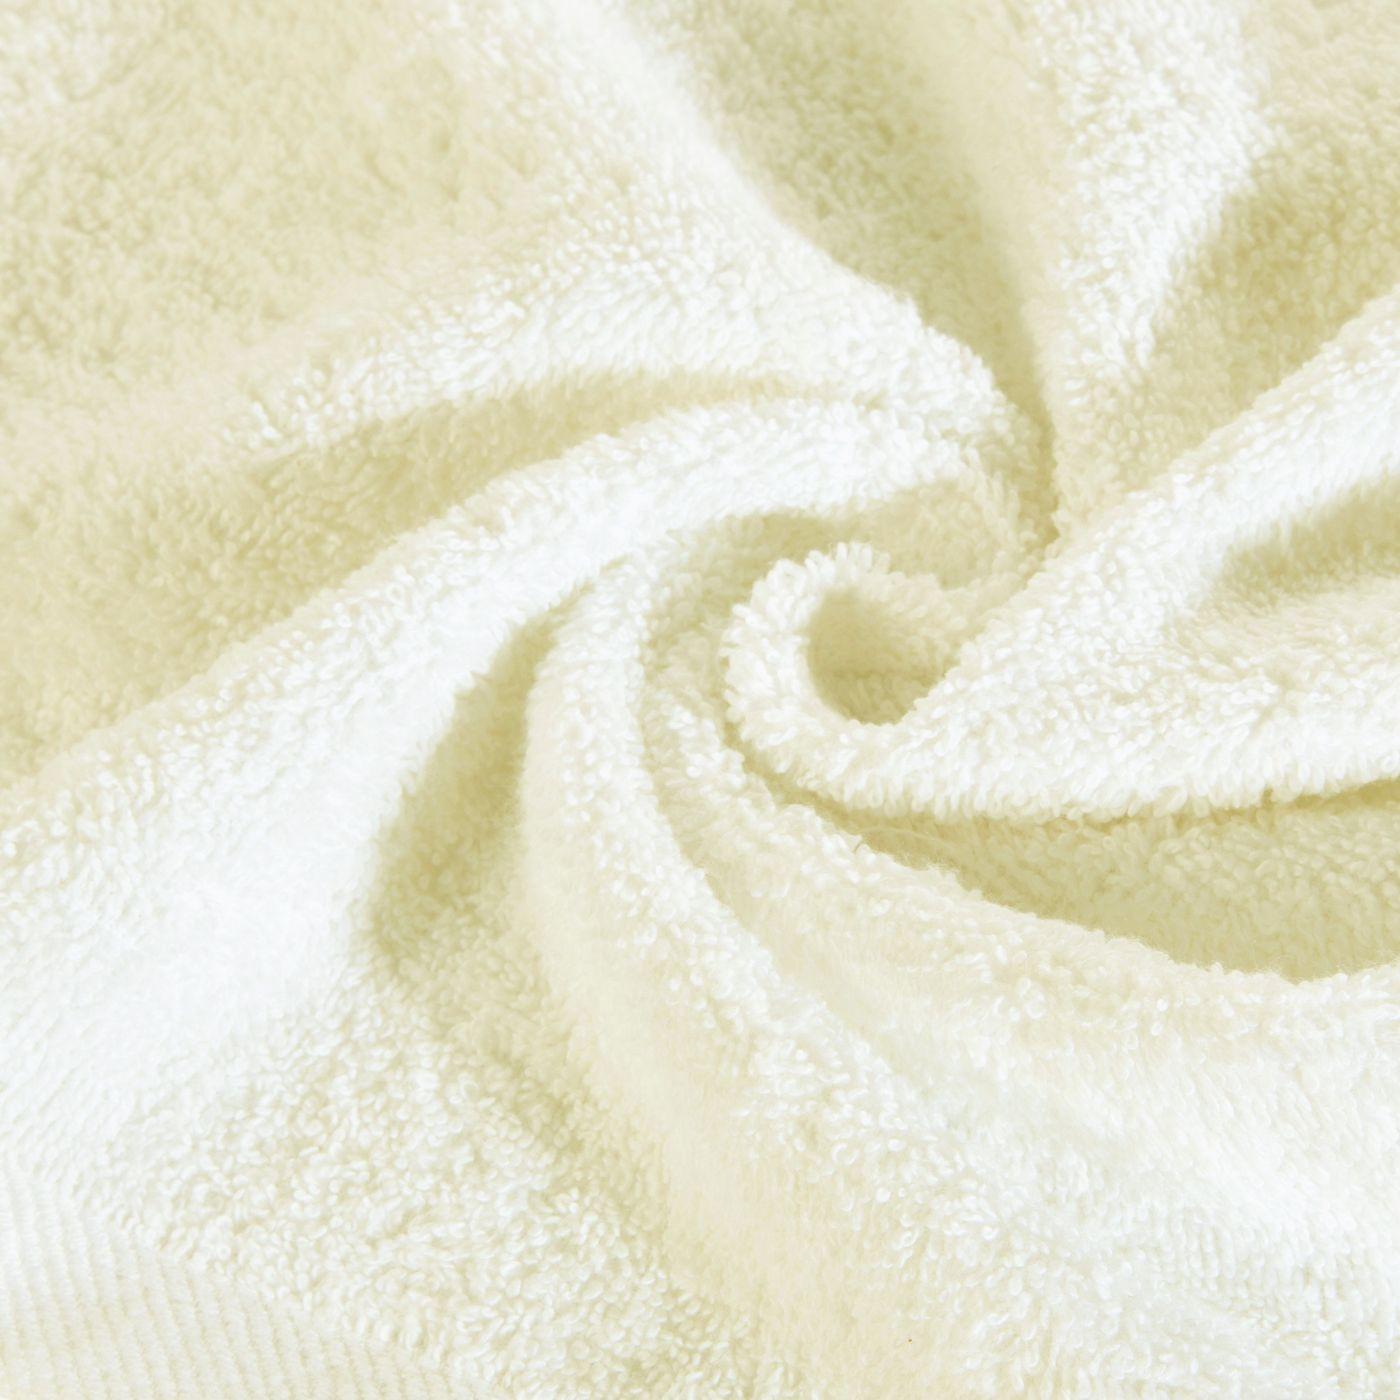 Ręcznik bawełniany gładki kremowy 70x140 cm